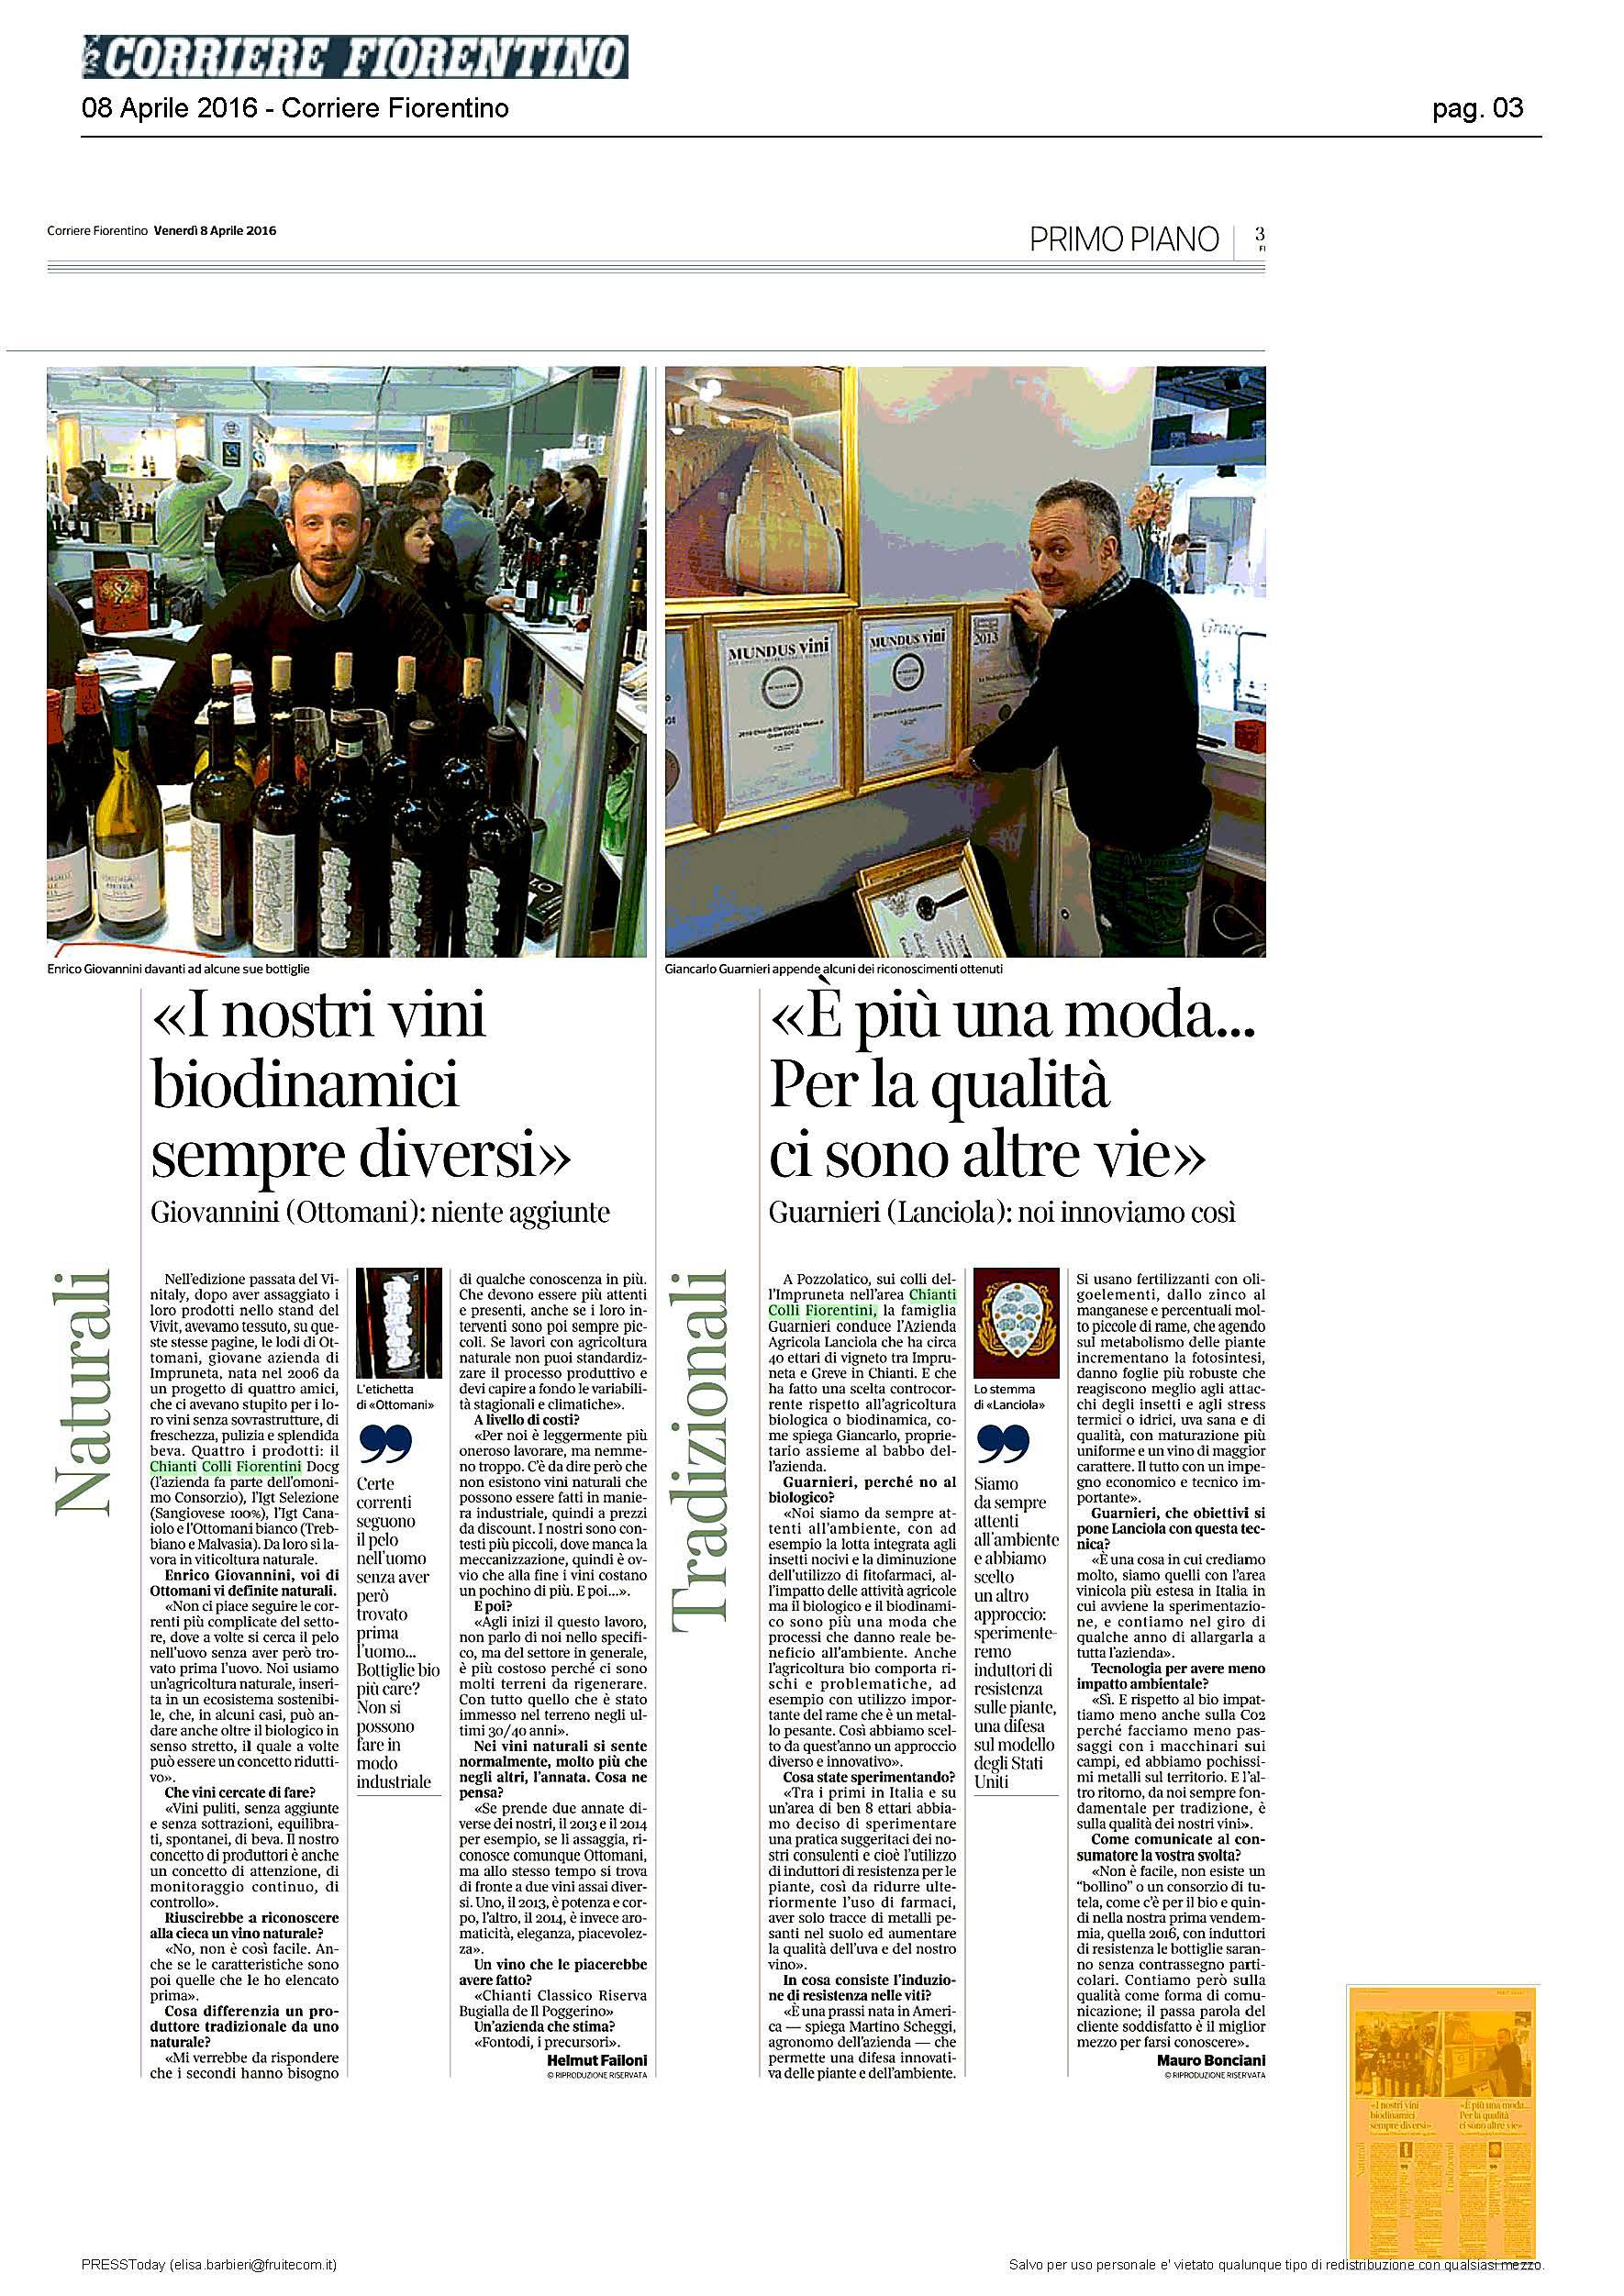 corriere-fiorentino_08042016_pagina_2